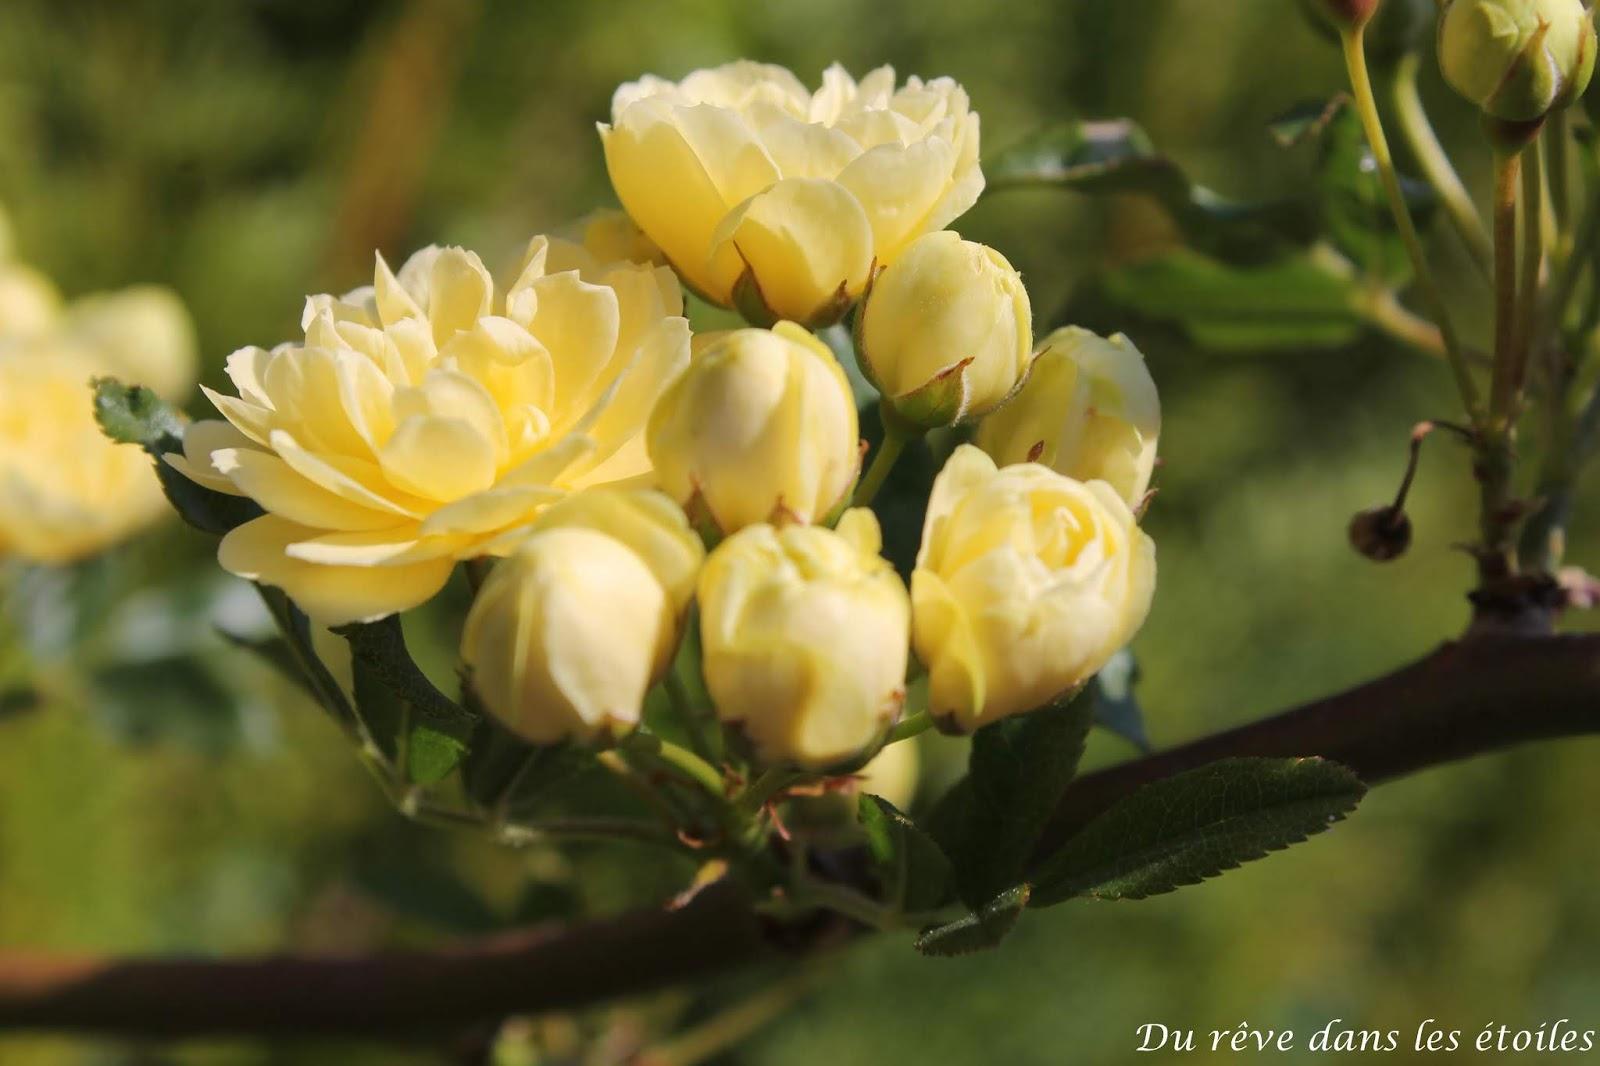 Promenade Photographique - les fleurs printanières